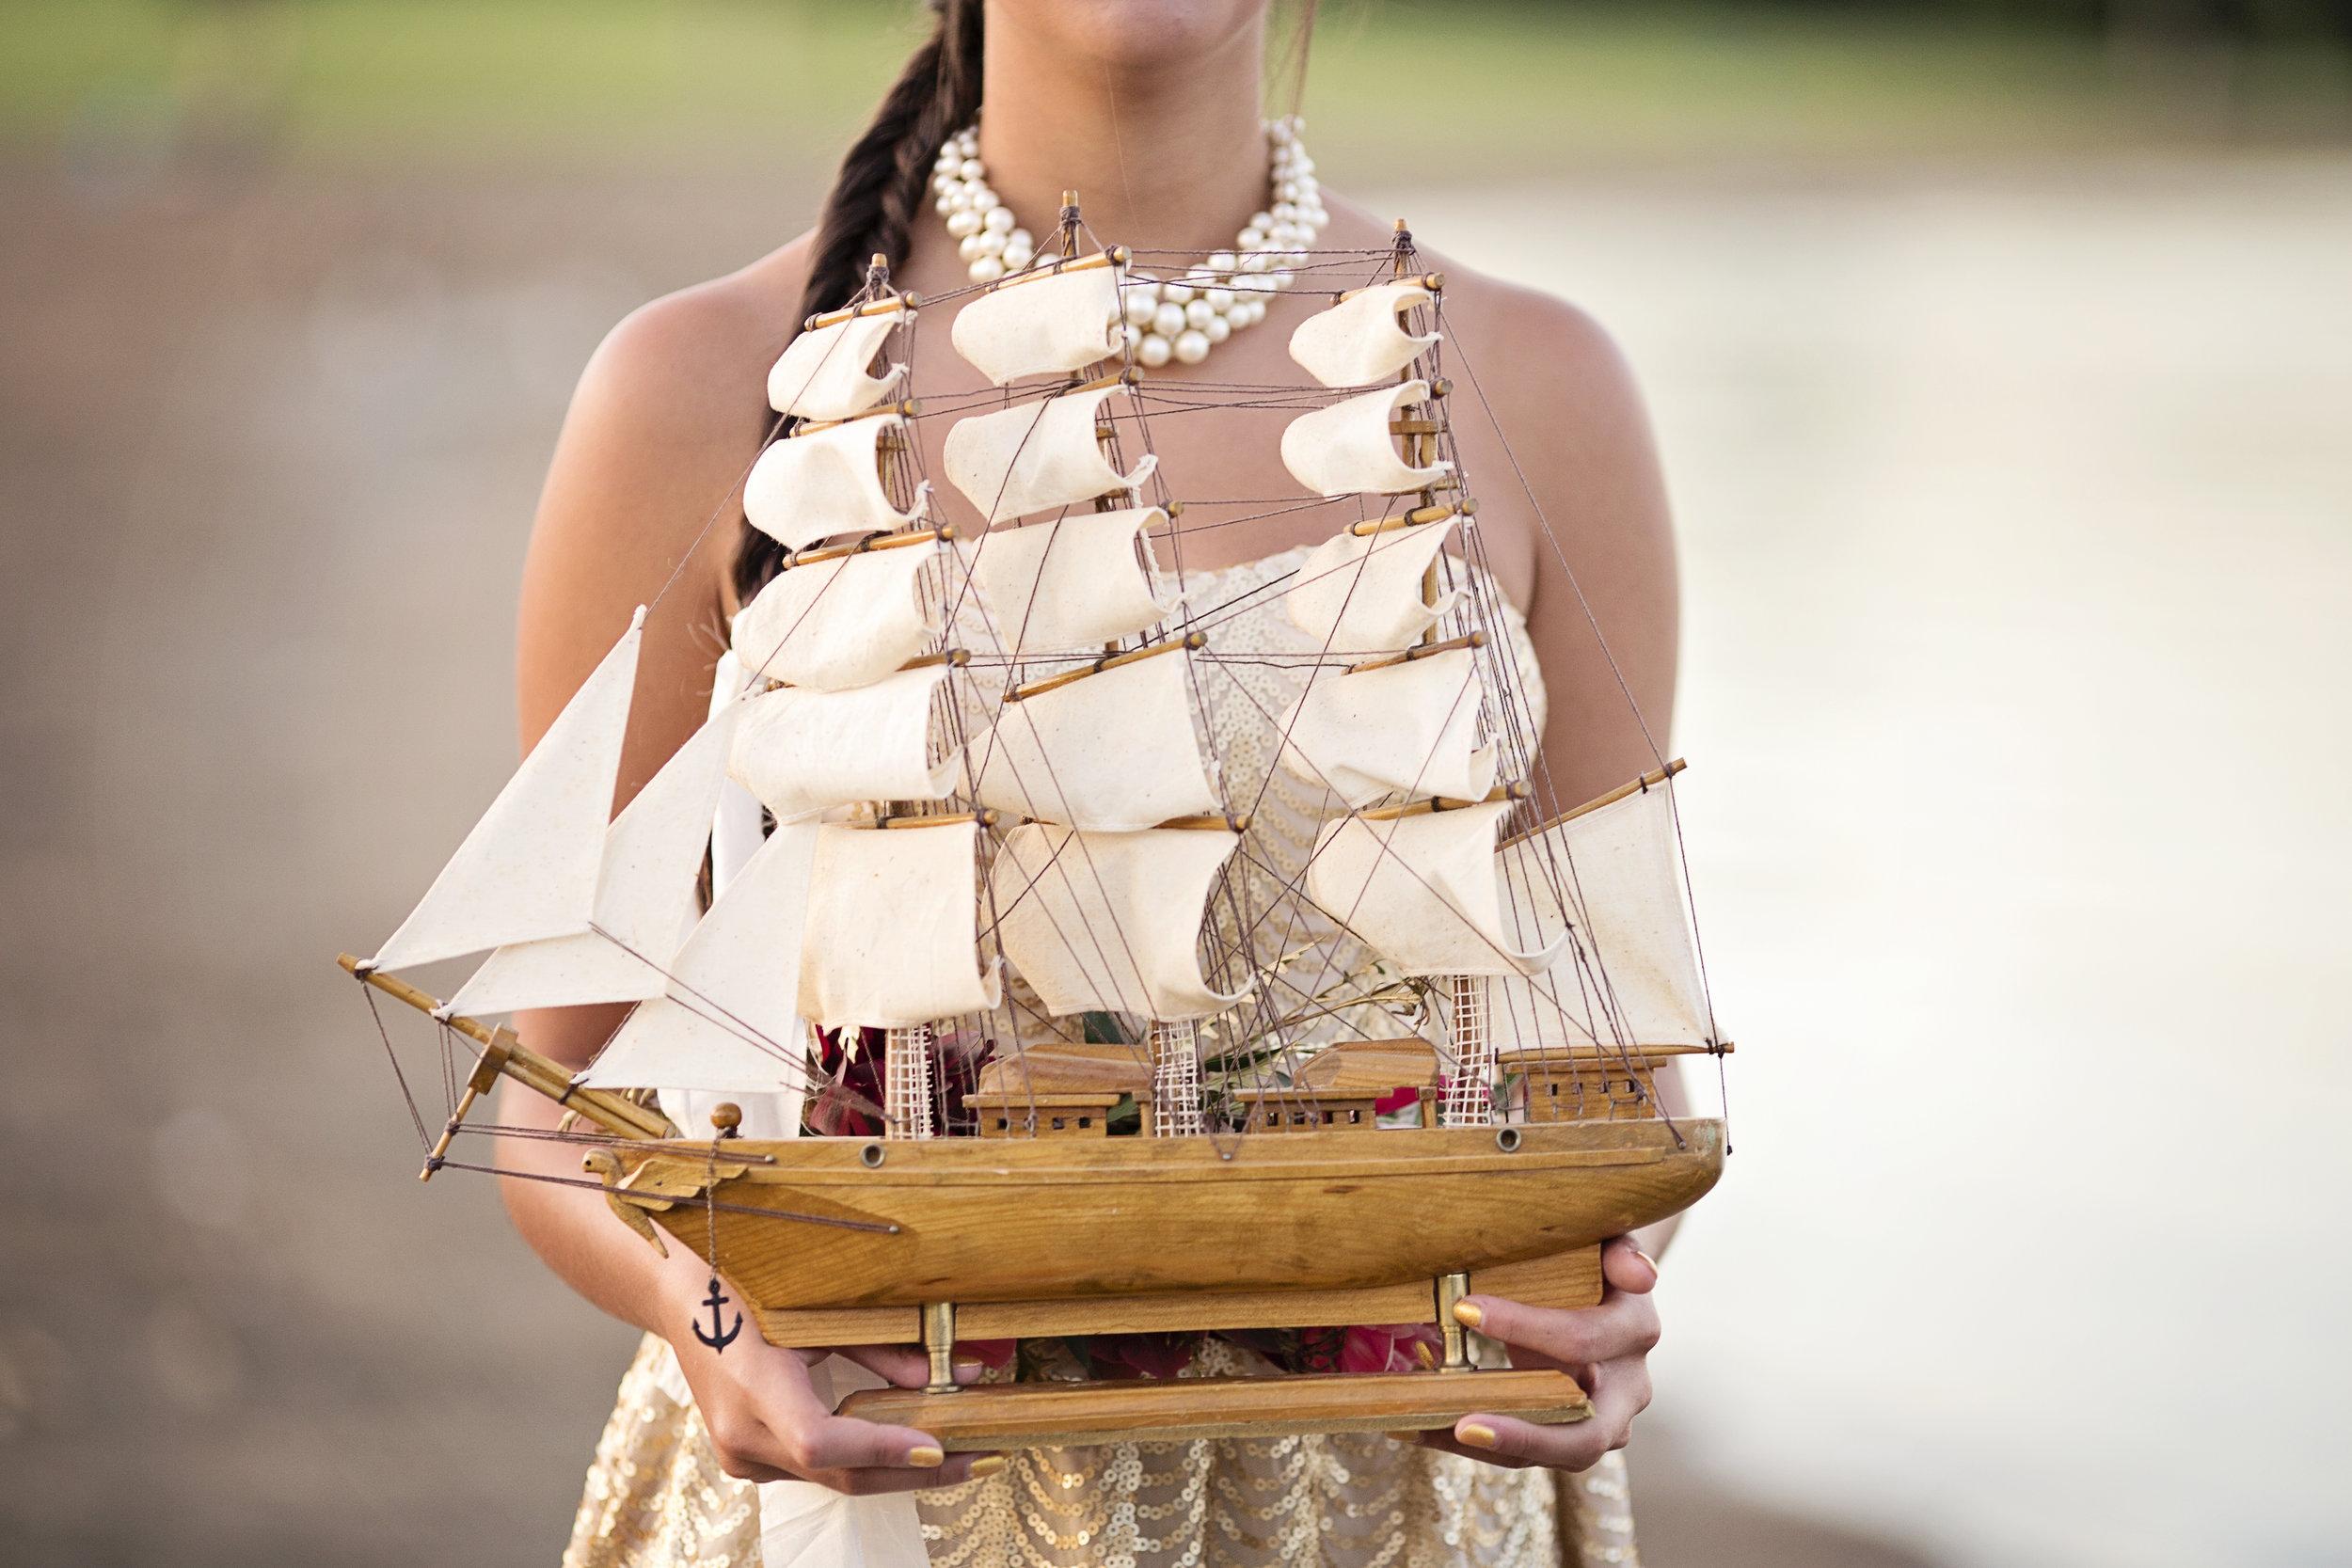 boat may